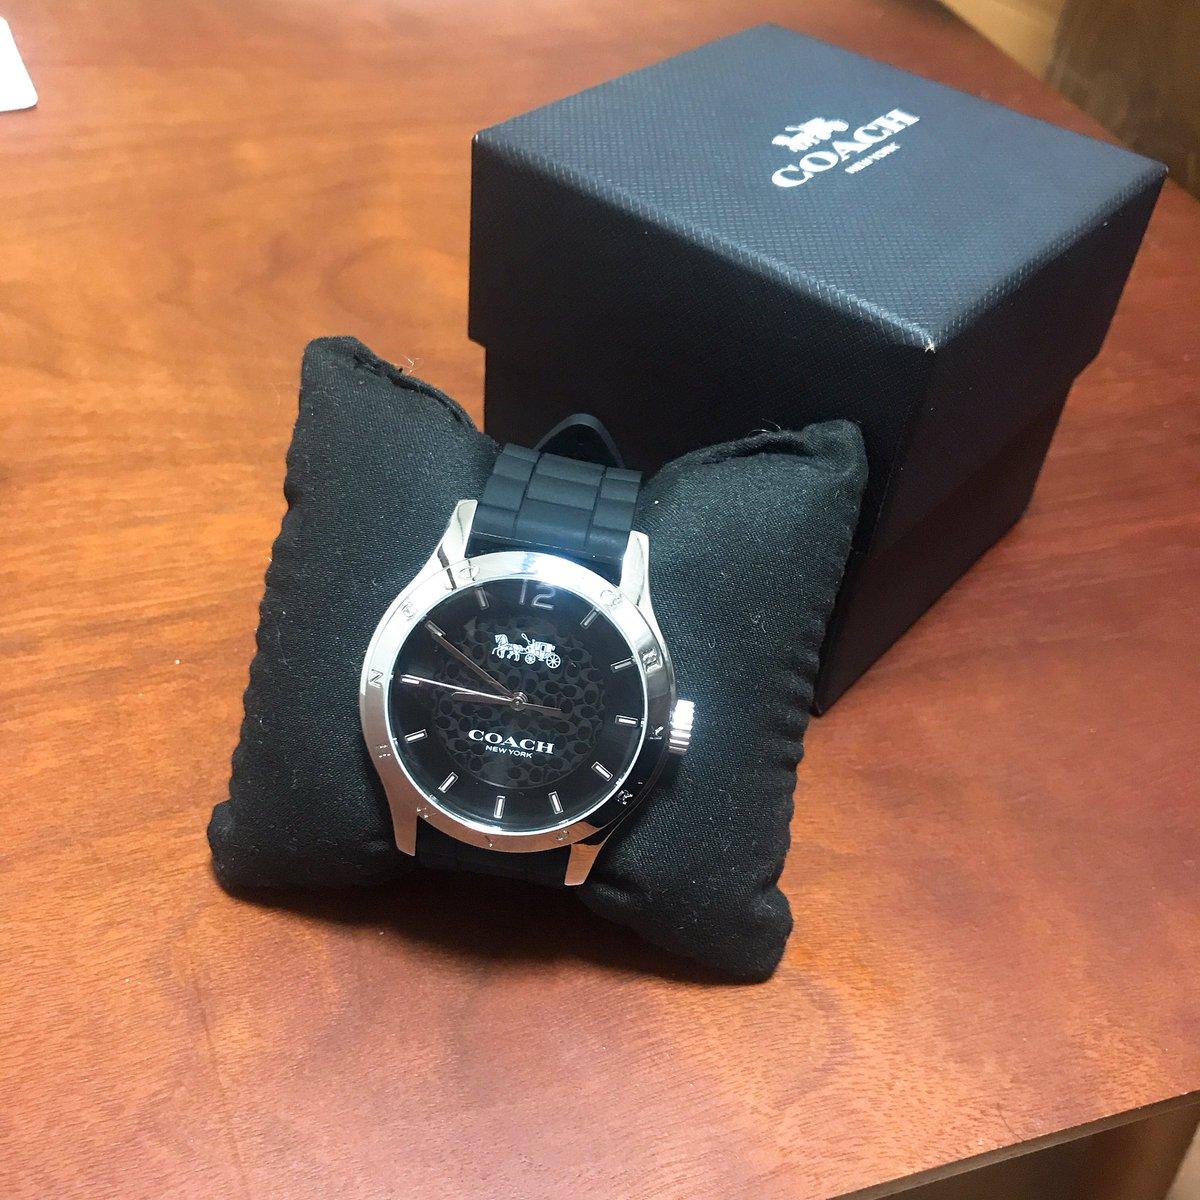 就職祝いで親からCOACHの腕時計貰った?(˙ω˙)普通にめっちゃ嬉しい超大切にする